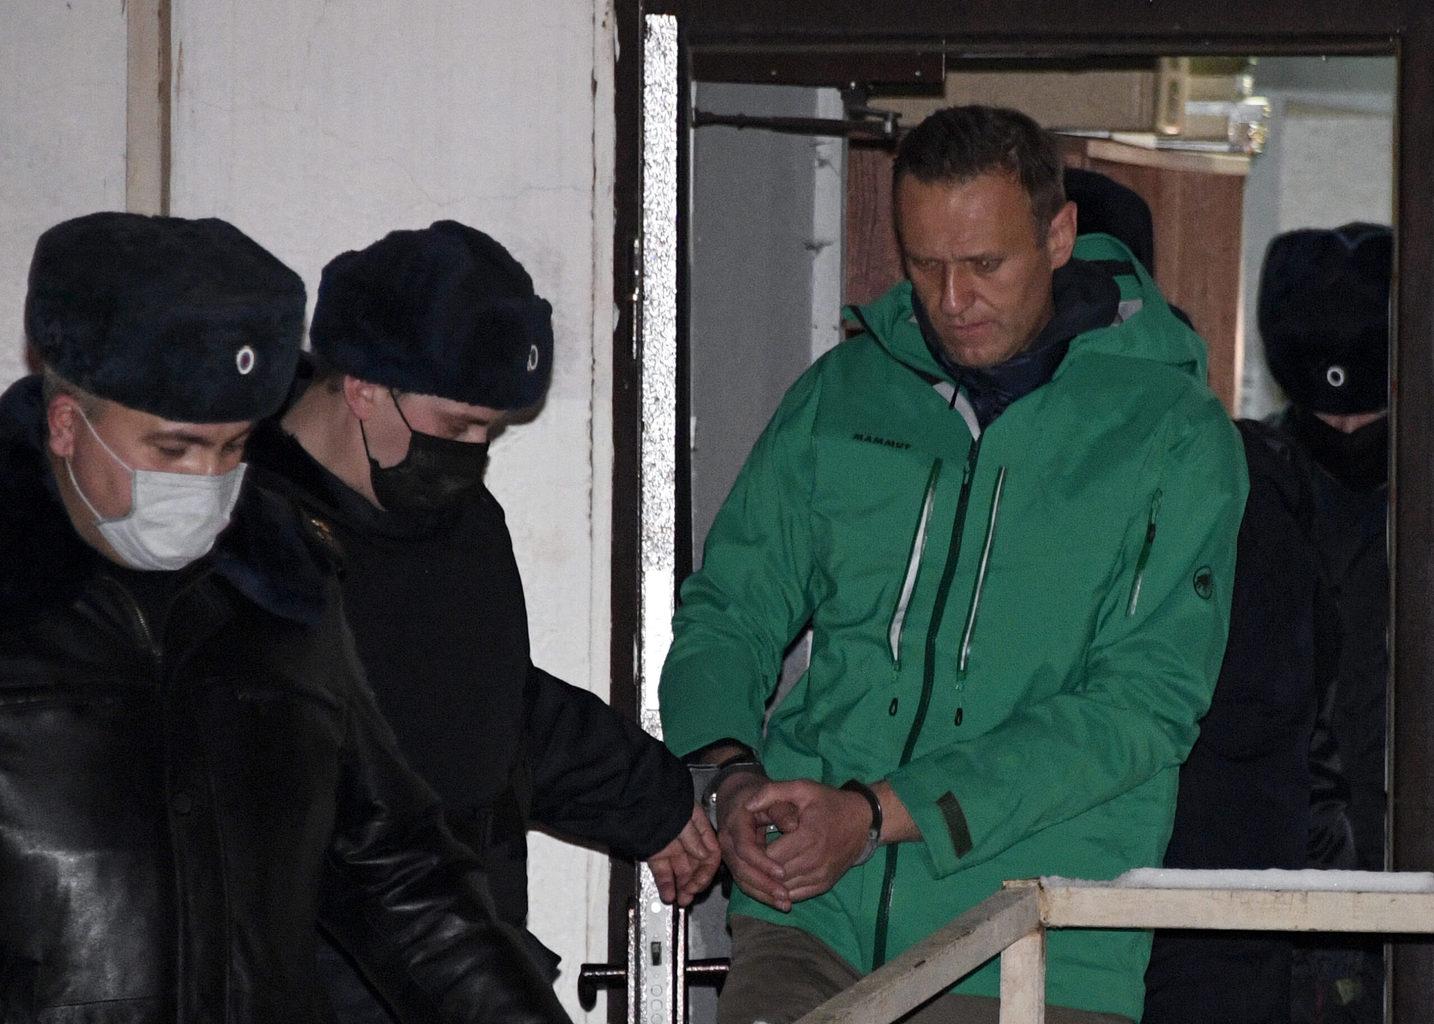 Alekszej Navalnij ellenzéki vezetőt 2021. január 18-án, Moszkva mellett, Khimkiben kísérik ki a rendőrségről, miután bírósági döntést rendeltek el 30 napos fogvatartására #moszkvater